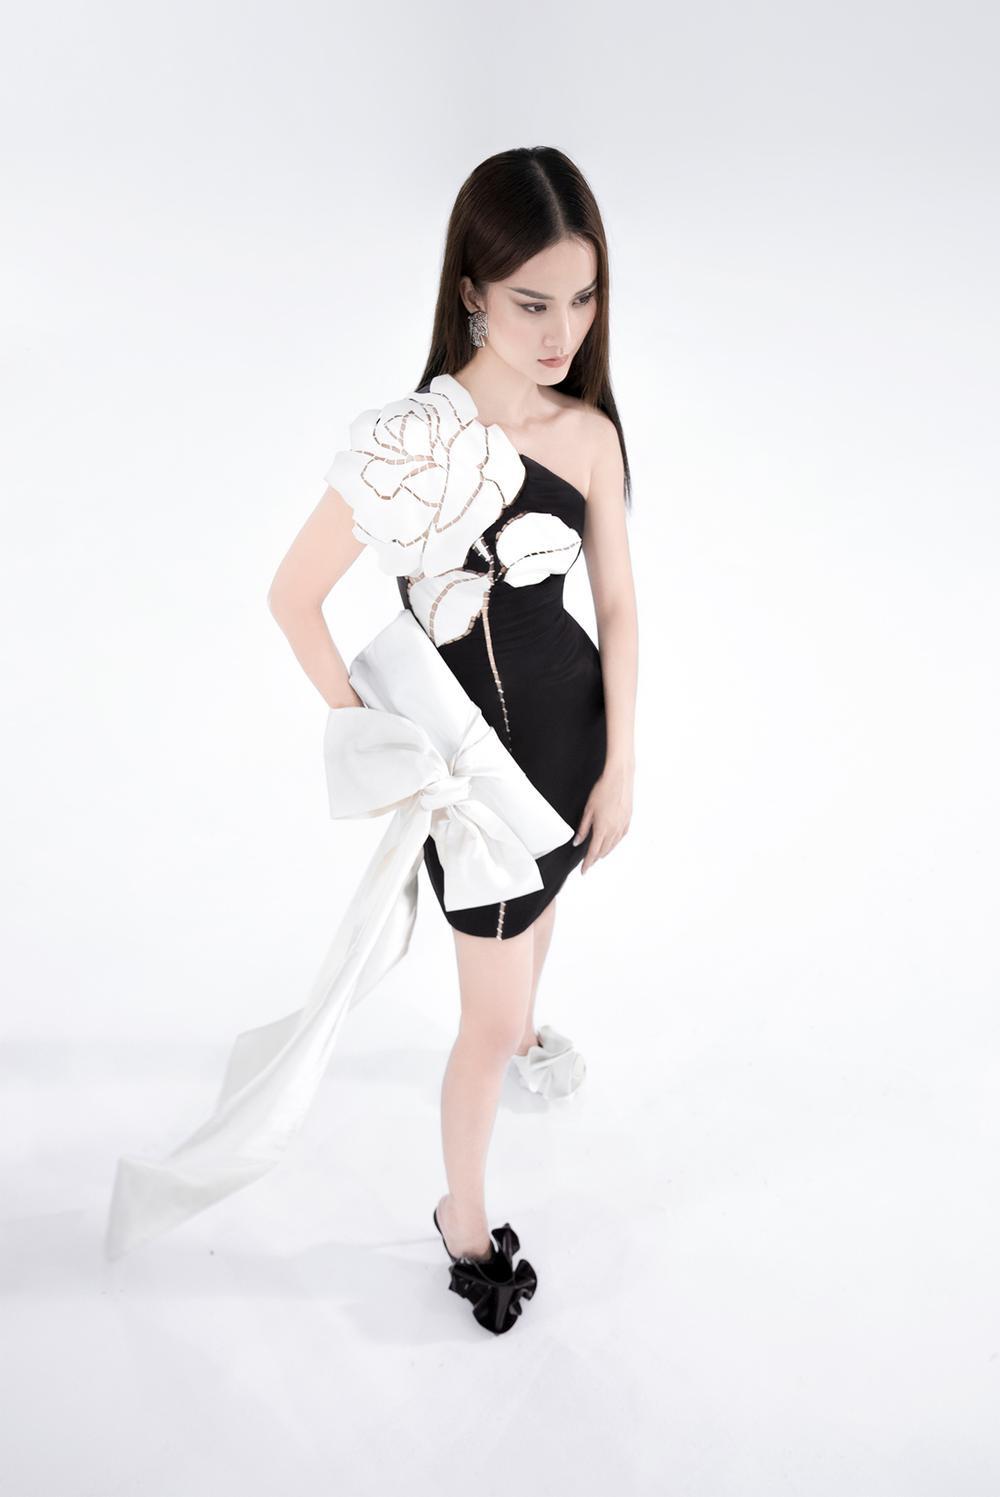 NTK Trần Hùng ra mắt BST tại London Fashion Week, chỉ dùng một người mẫu duy nhất Ảnh 15